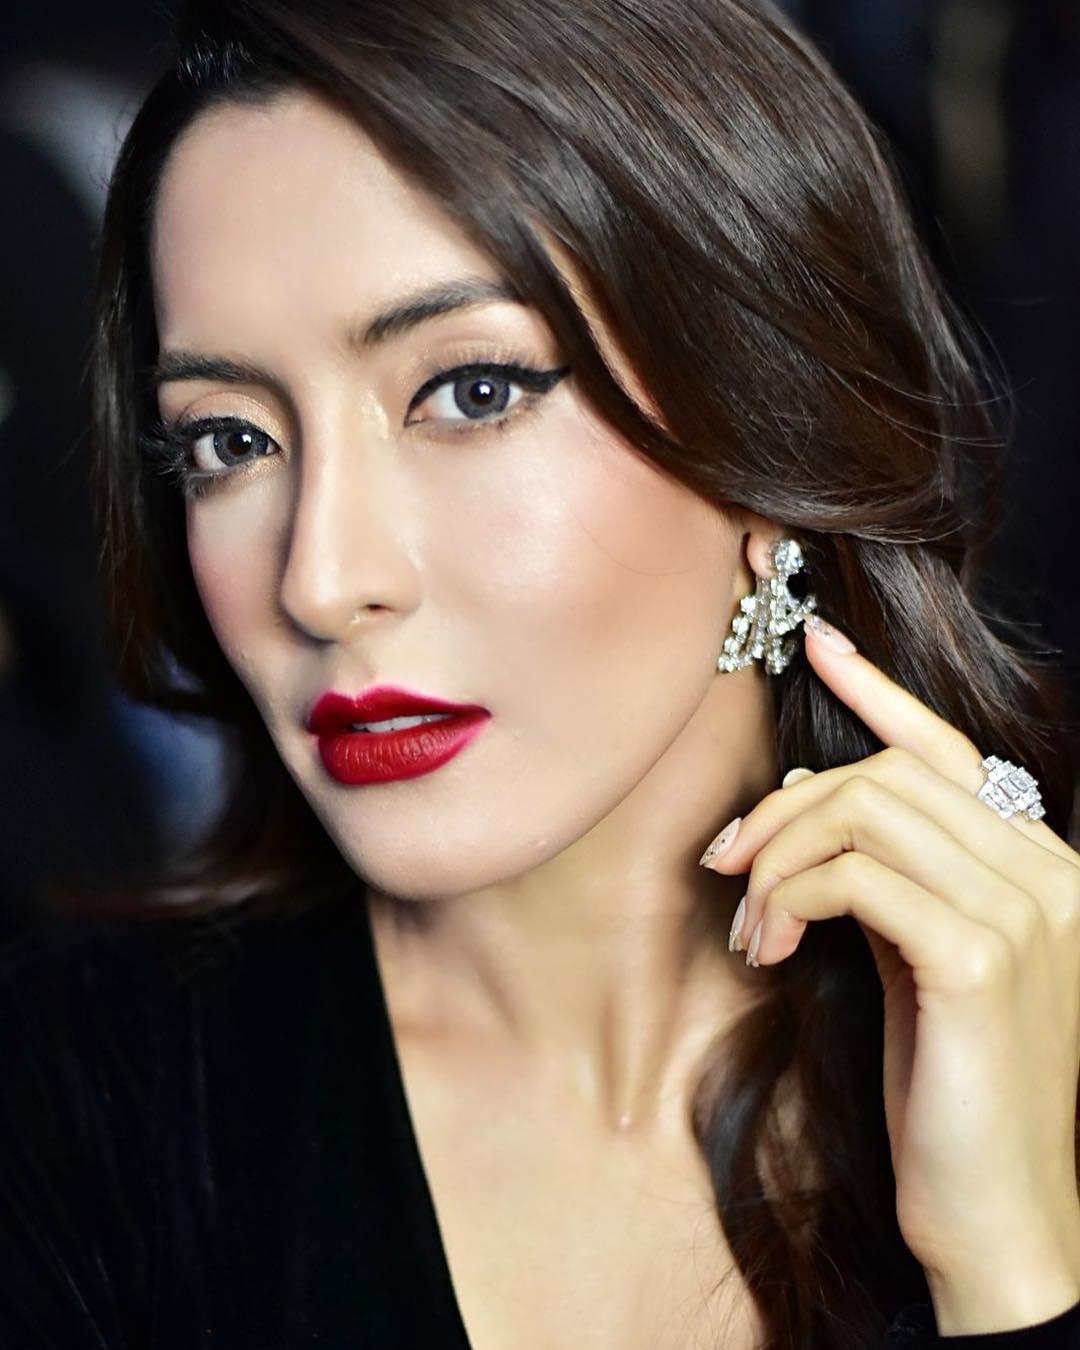 Top 10 mỹ nhân đẹp nhất đài truyền hình quyền lực Thái Lan: Toàn 9X đắt giá nhưng vẫn bị chị đại quyền lực vượt mặt - Ảnh 22.